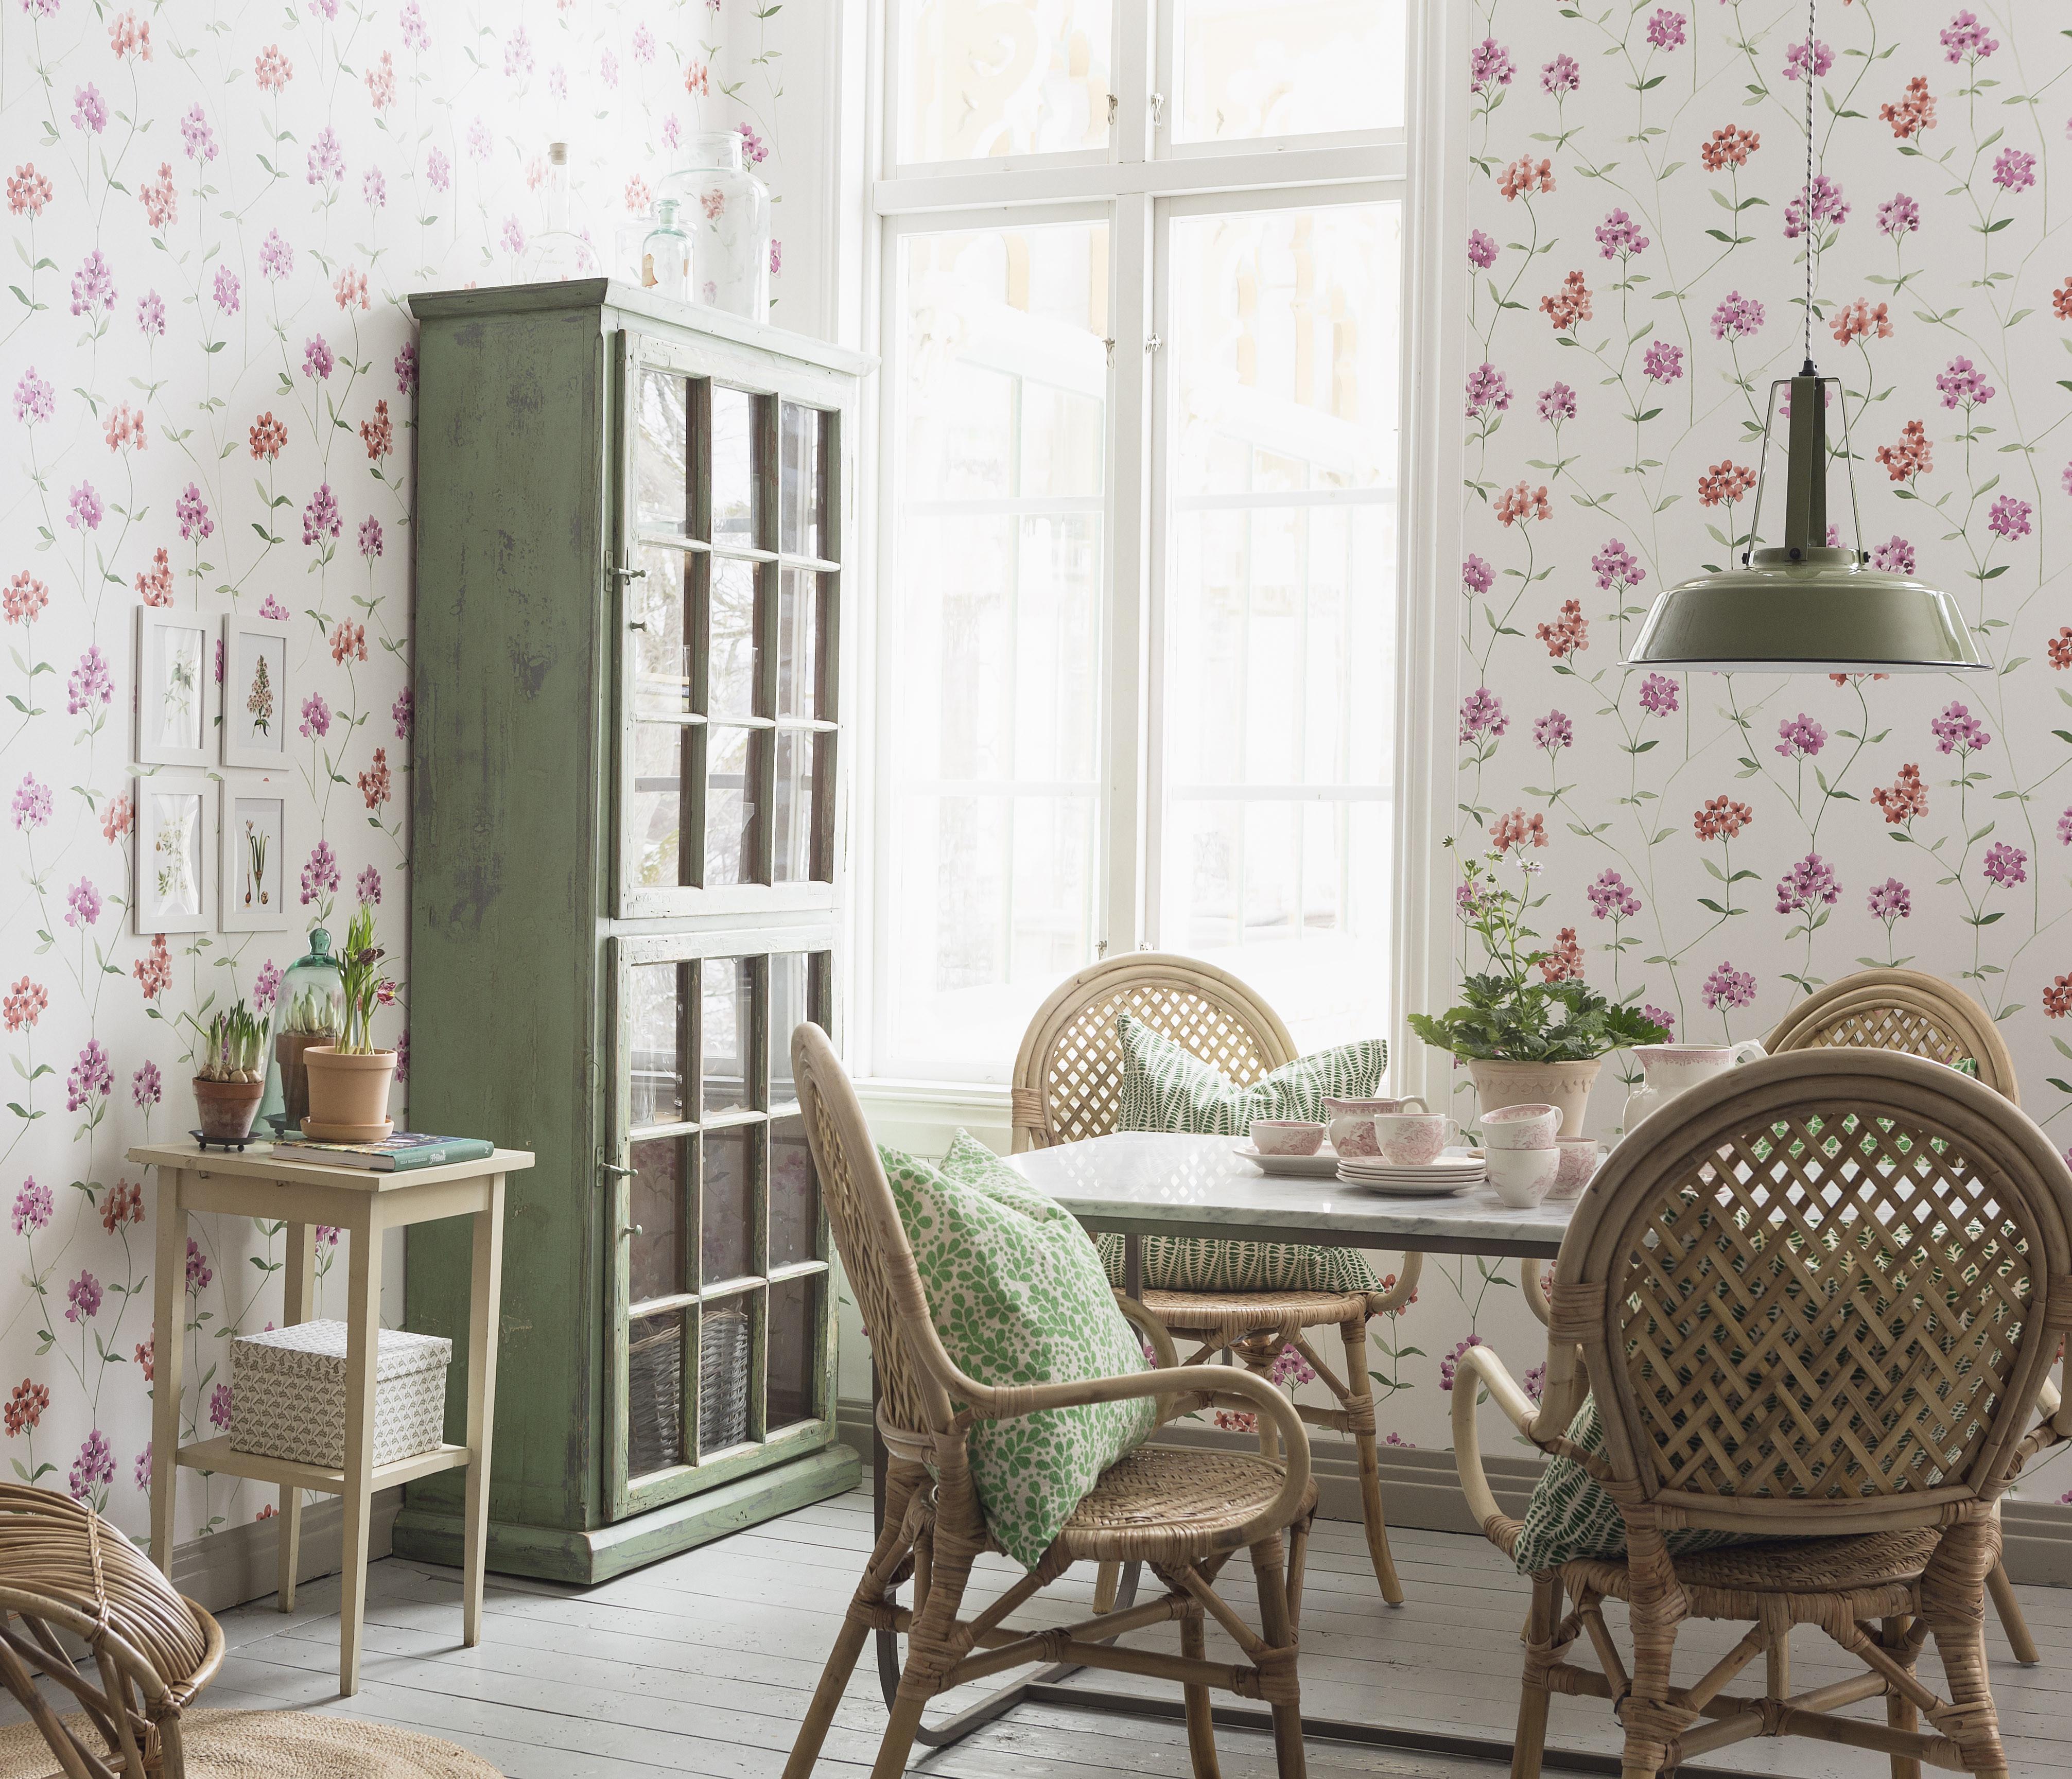 Romantischer Landhausstil Im Esszimmer #beistelltisch #esstisch # Landhausstil #mustertapete #sitzkissen #blumentapete